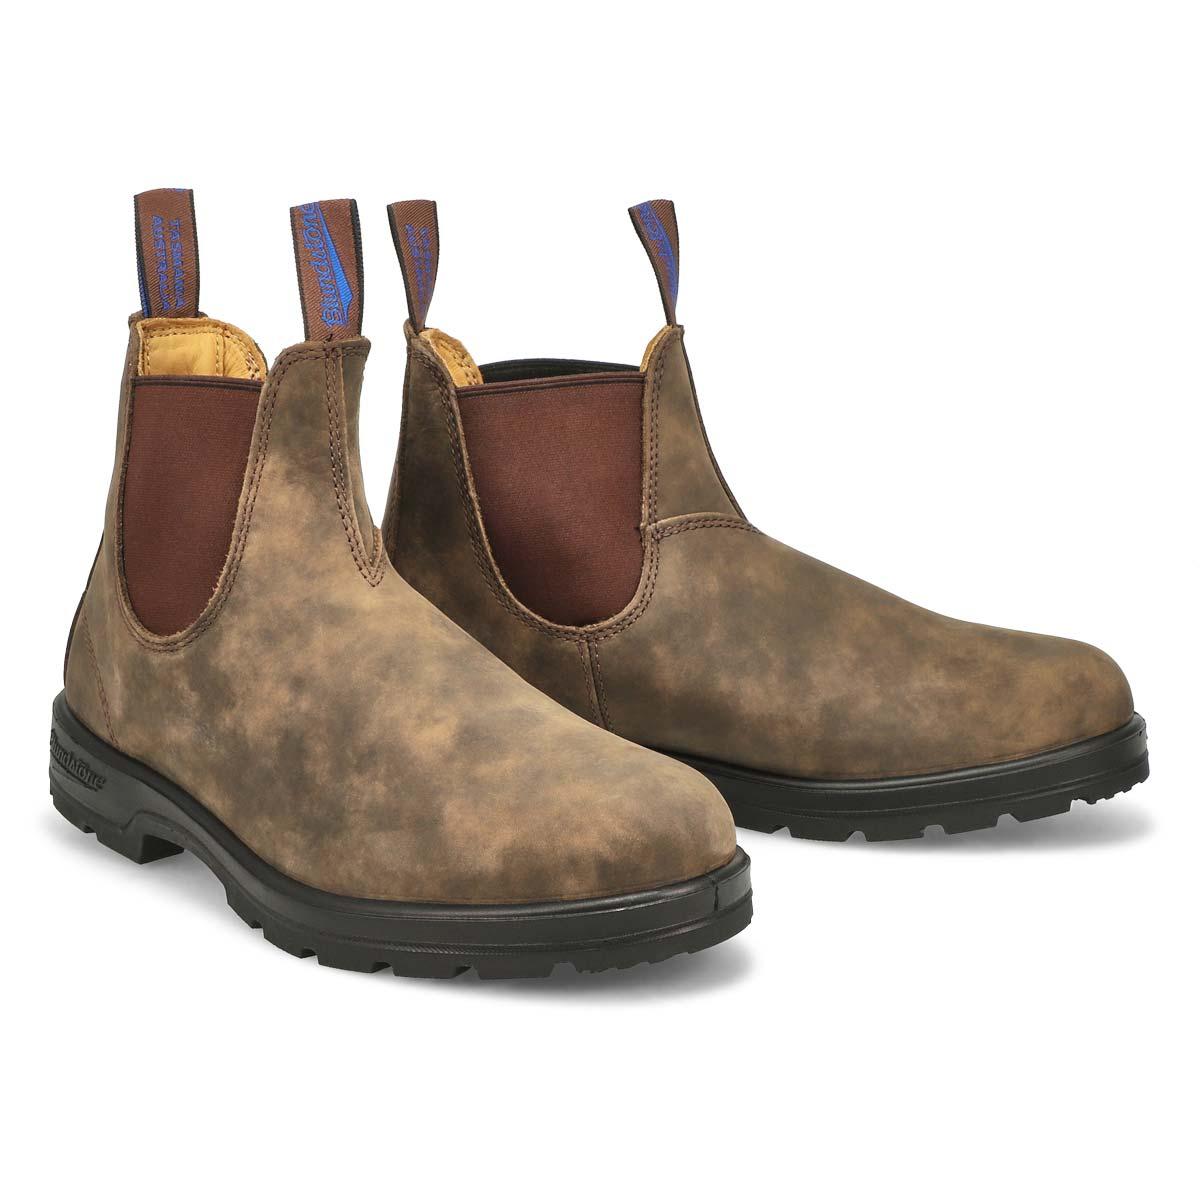 Bottes imp. doublées Original, brun, uni